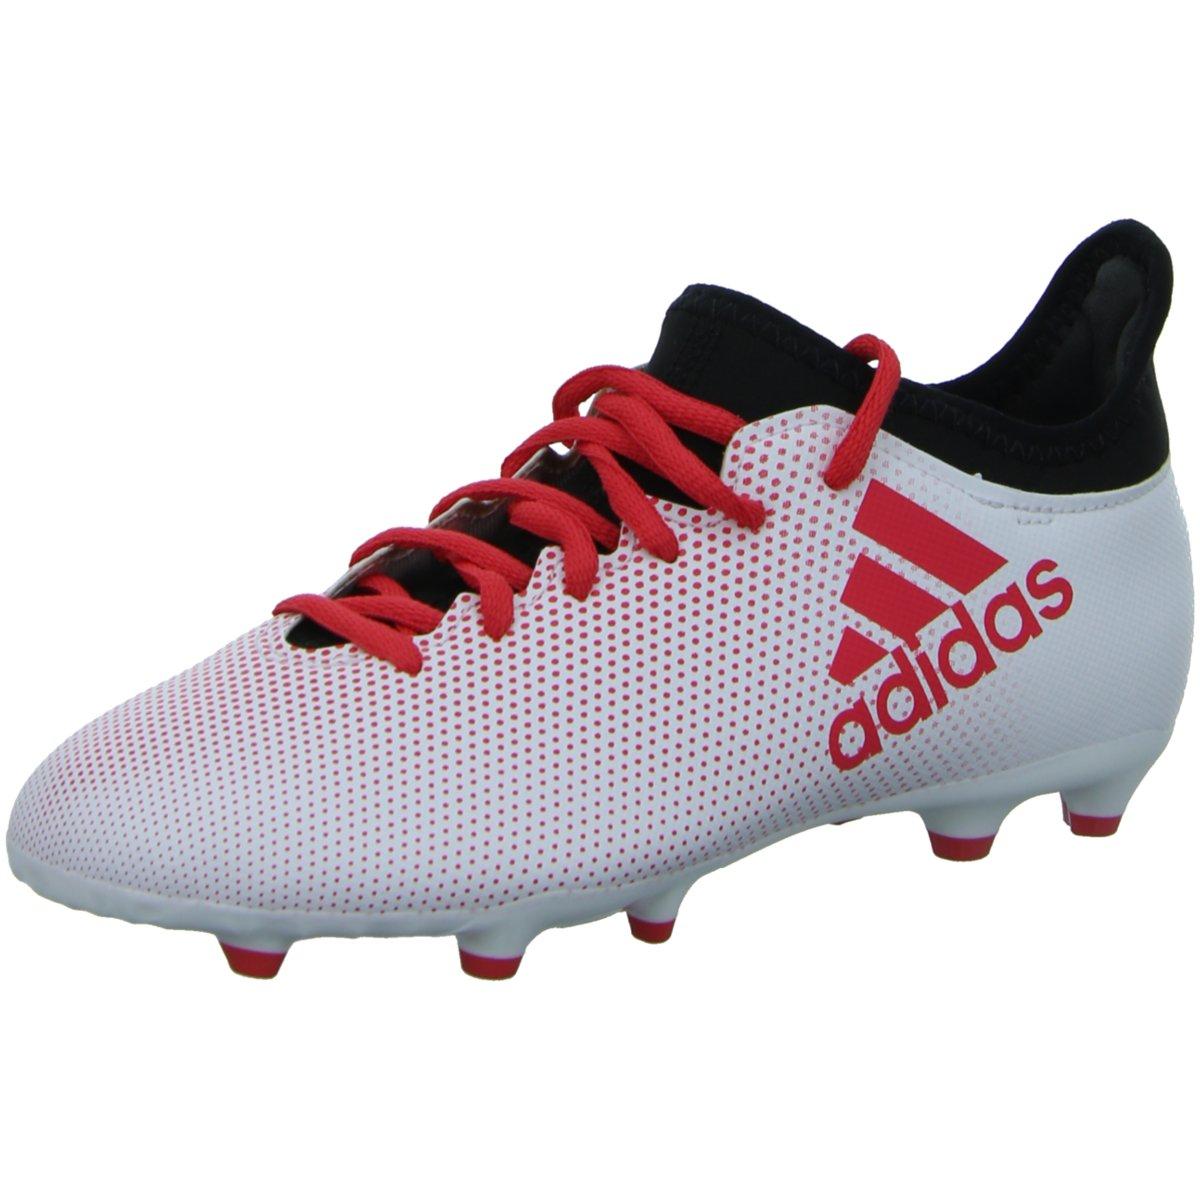 S2K S2K S2K adidas Kinder Fussballschuhe X 17.3 FG J Kids Weiss Rot CP8991 weiß 469081 67e764